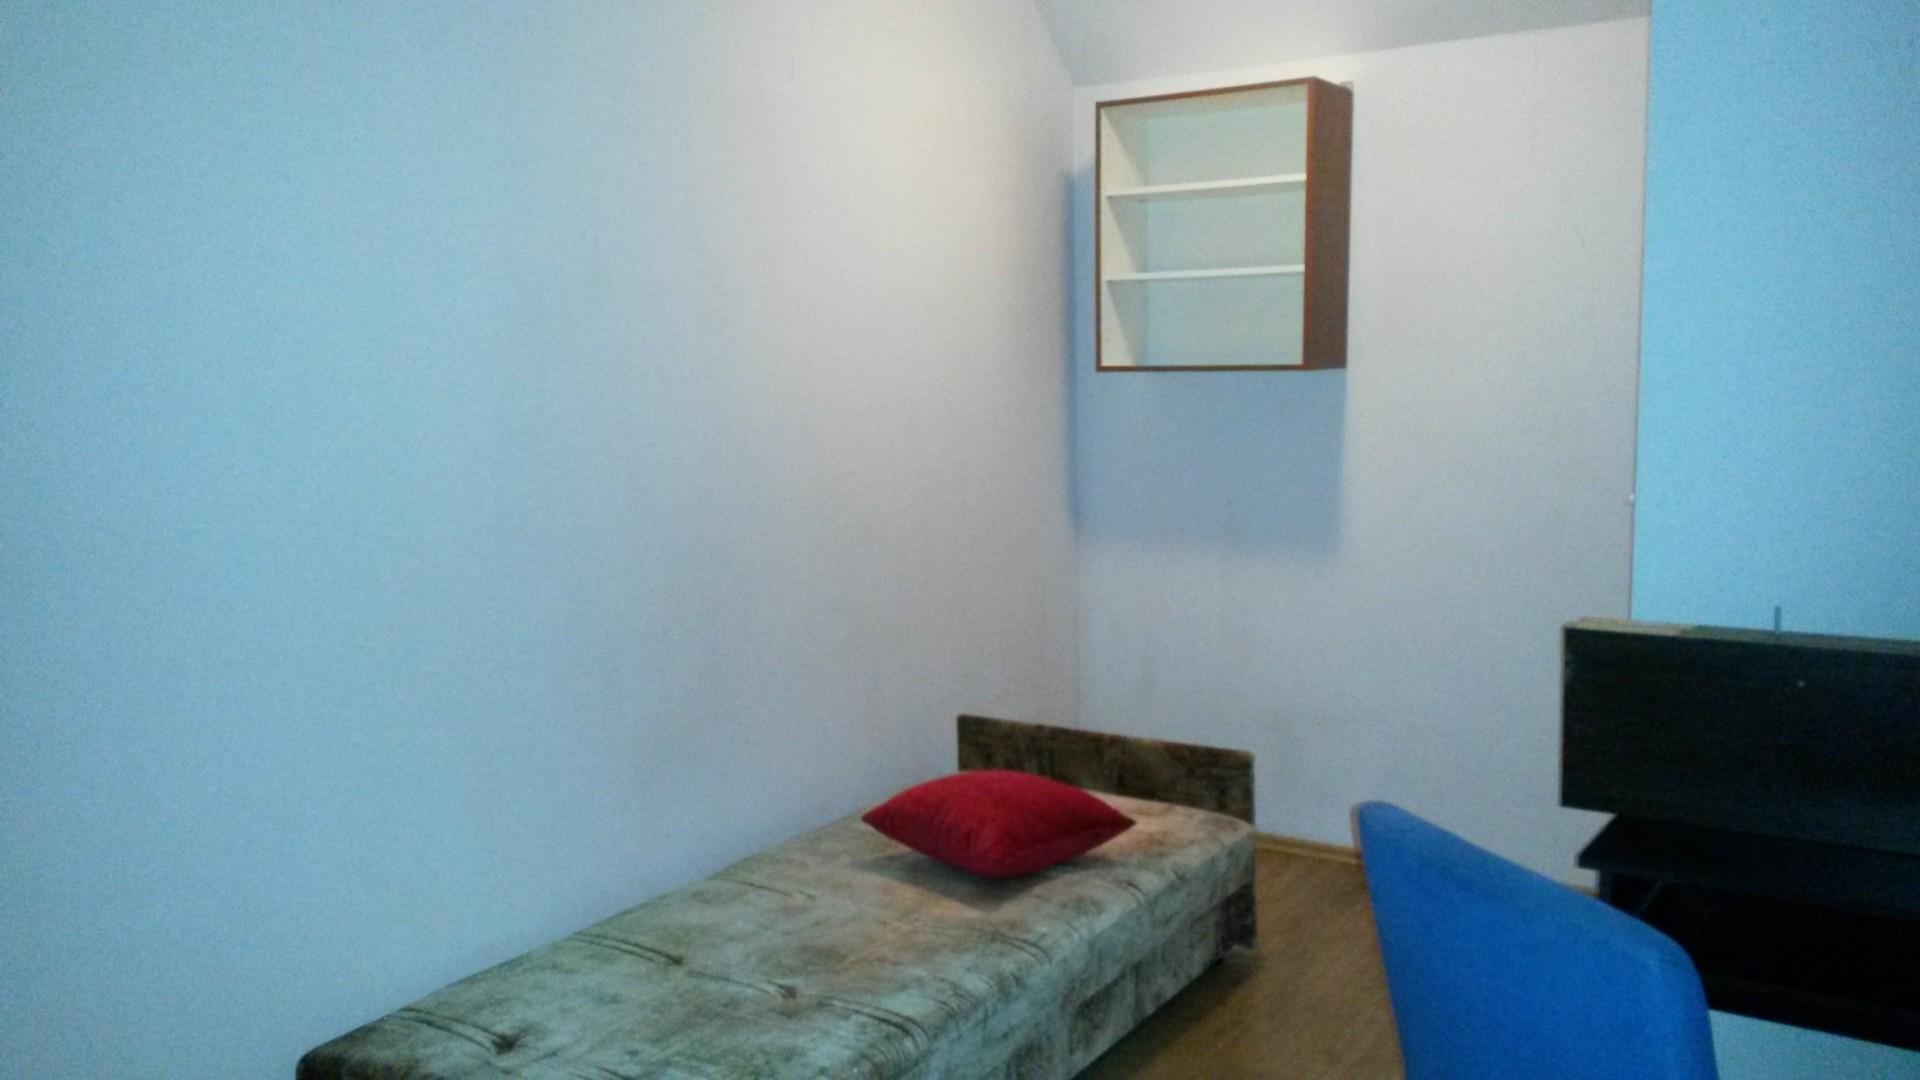 large-sunny-room-ready-1-april-27-march-available-c58b4ea633e71f881e2500dc732fed2f